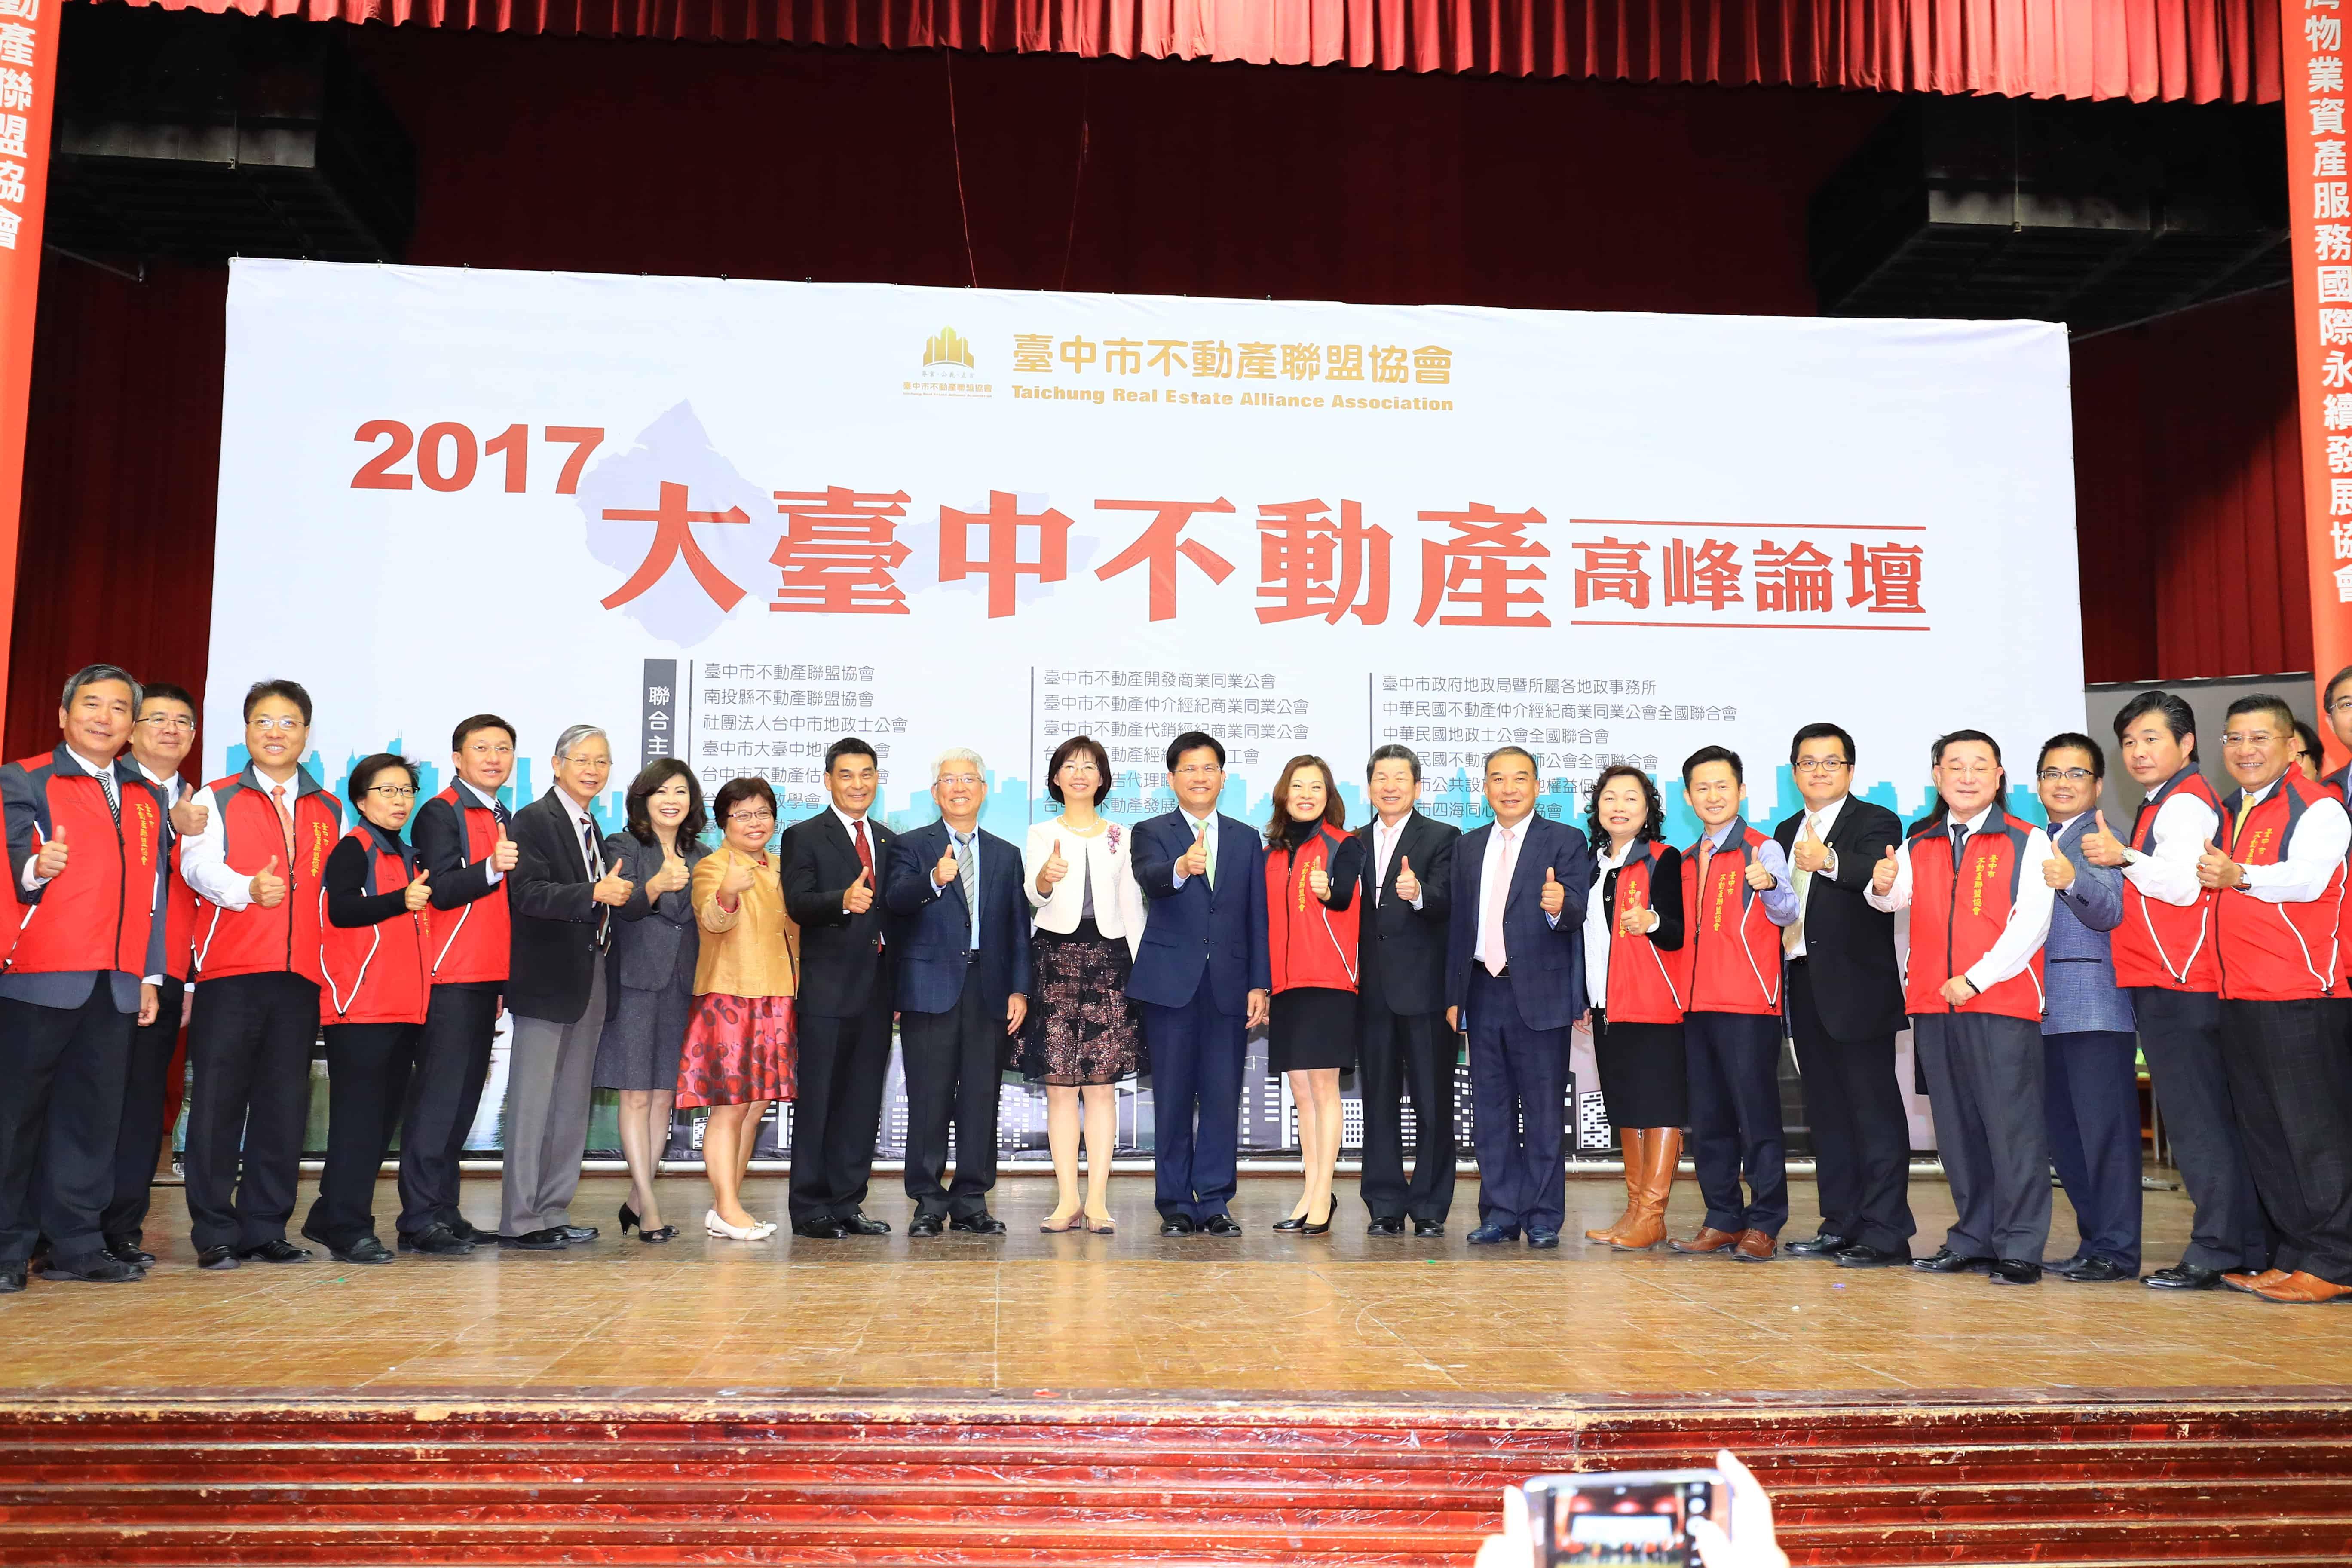 圖片:2017大臺中不動產高峰論壇